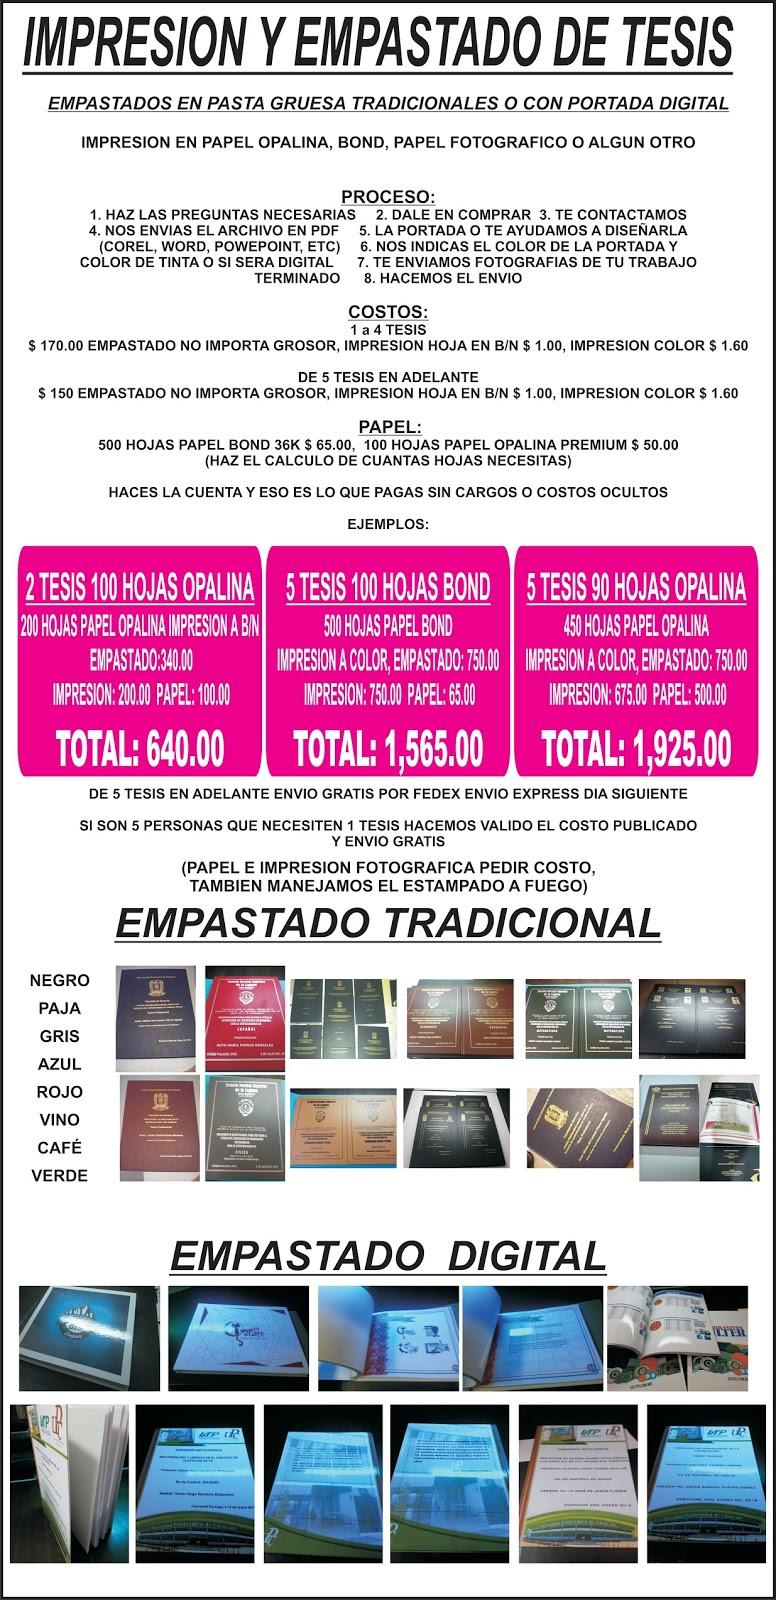 Encantador Costo De Impresión En Color Por Página Bandera - Dibujos ...